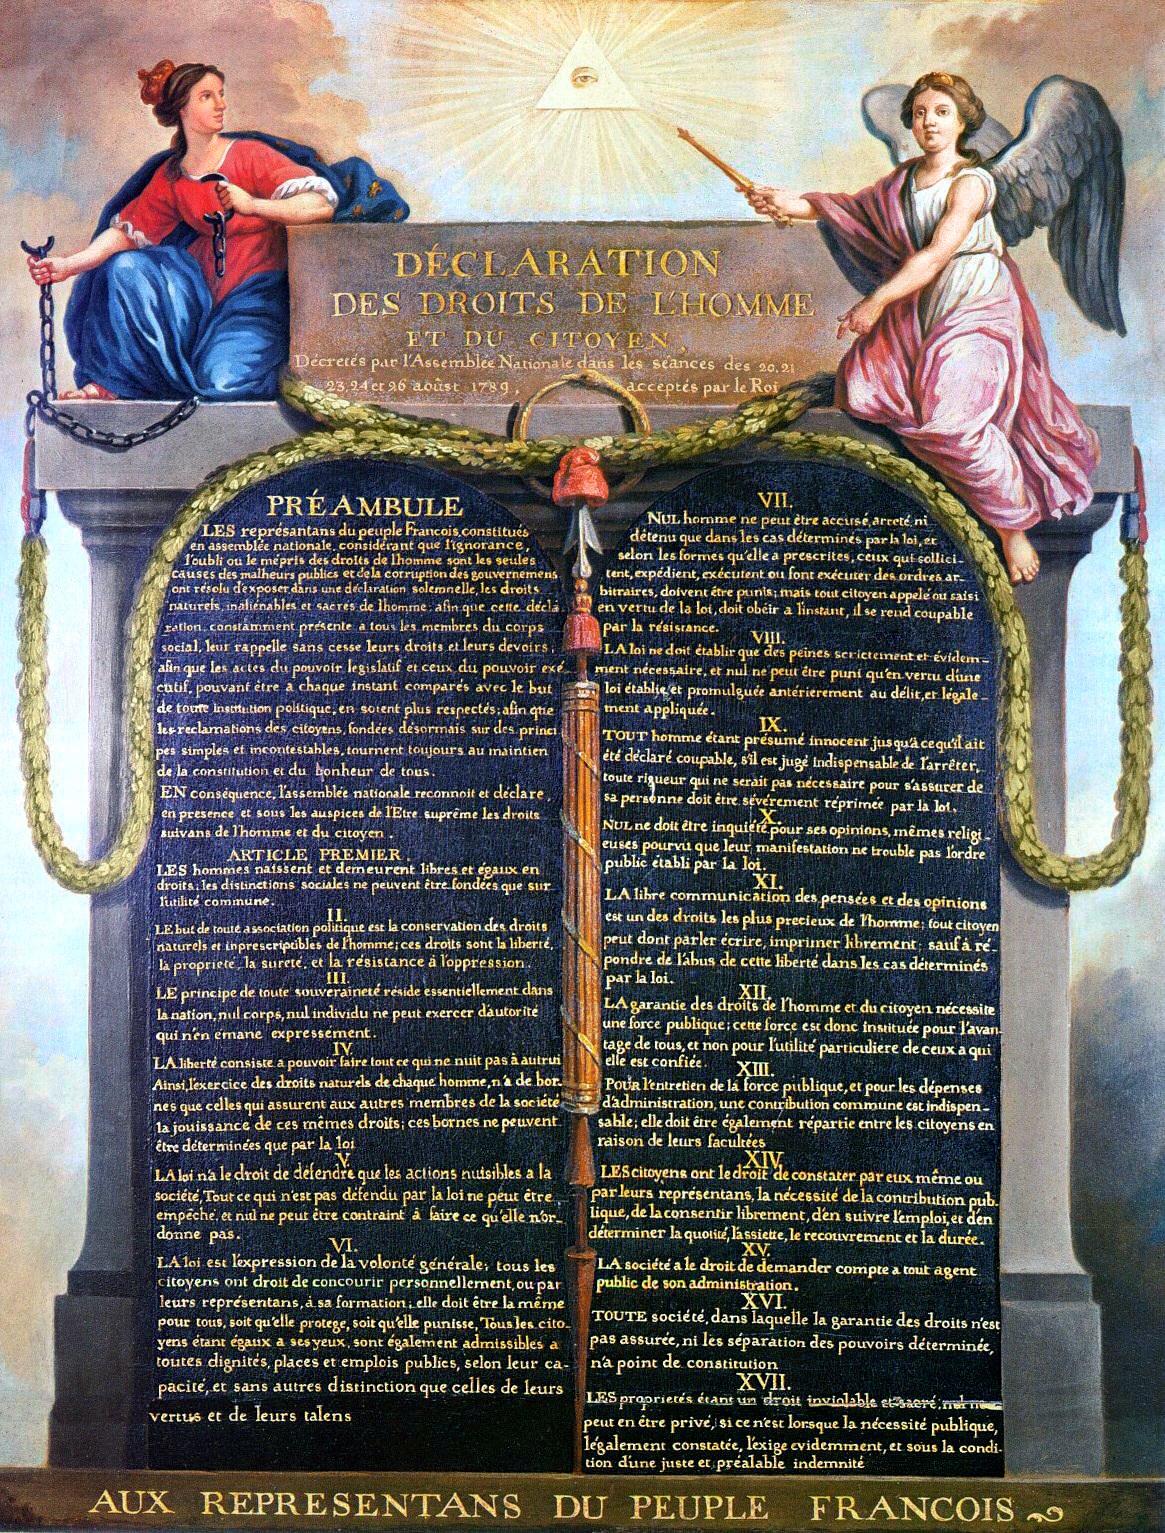 Deklaracja praw człowieka iobywatela Deklaracja praw człowieka iobywatela Źródło: Deklaracja praw człowieka iobywatela, Carnavalet muzeum, licencja: CC 0.